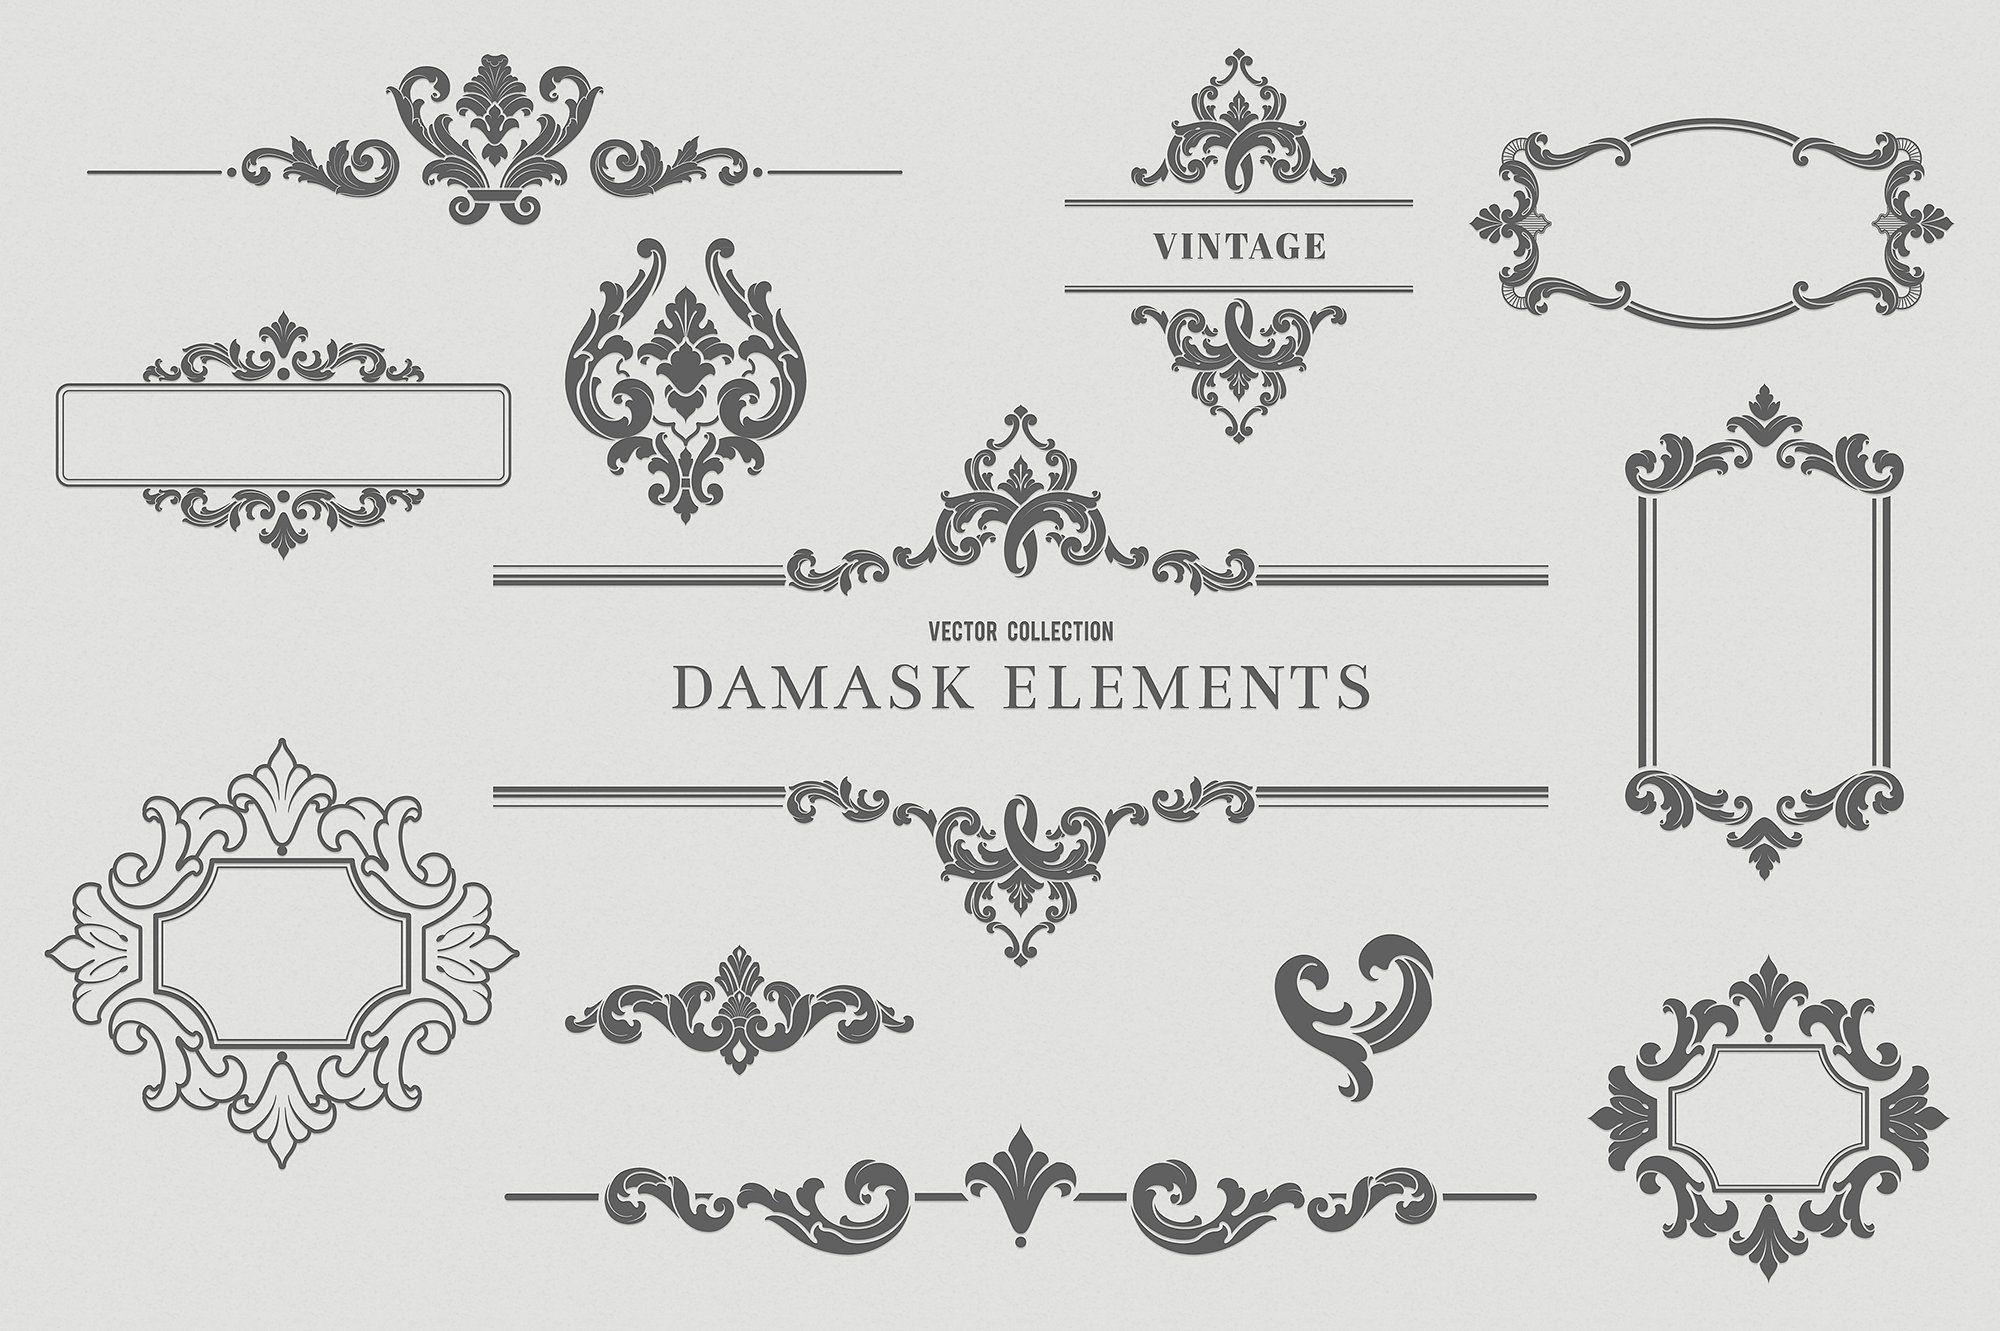 Vintage Damask Elements Iii Damask Design Elements Ornaments Design